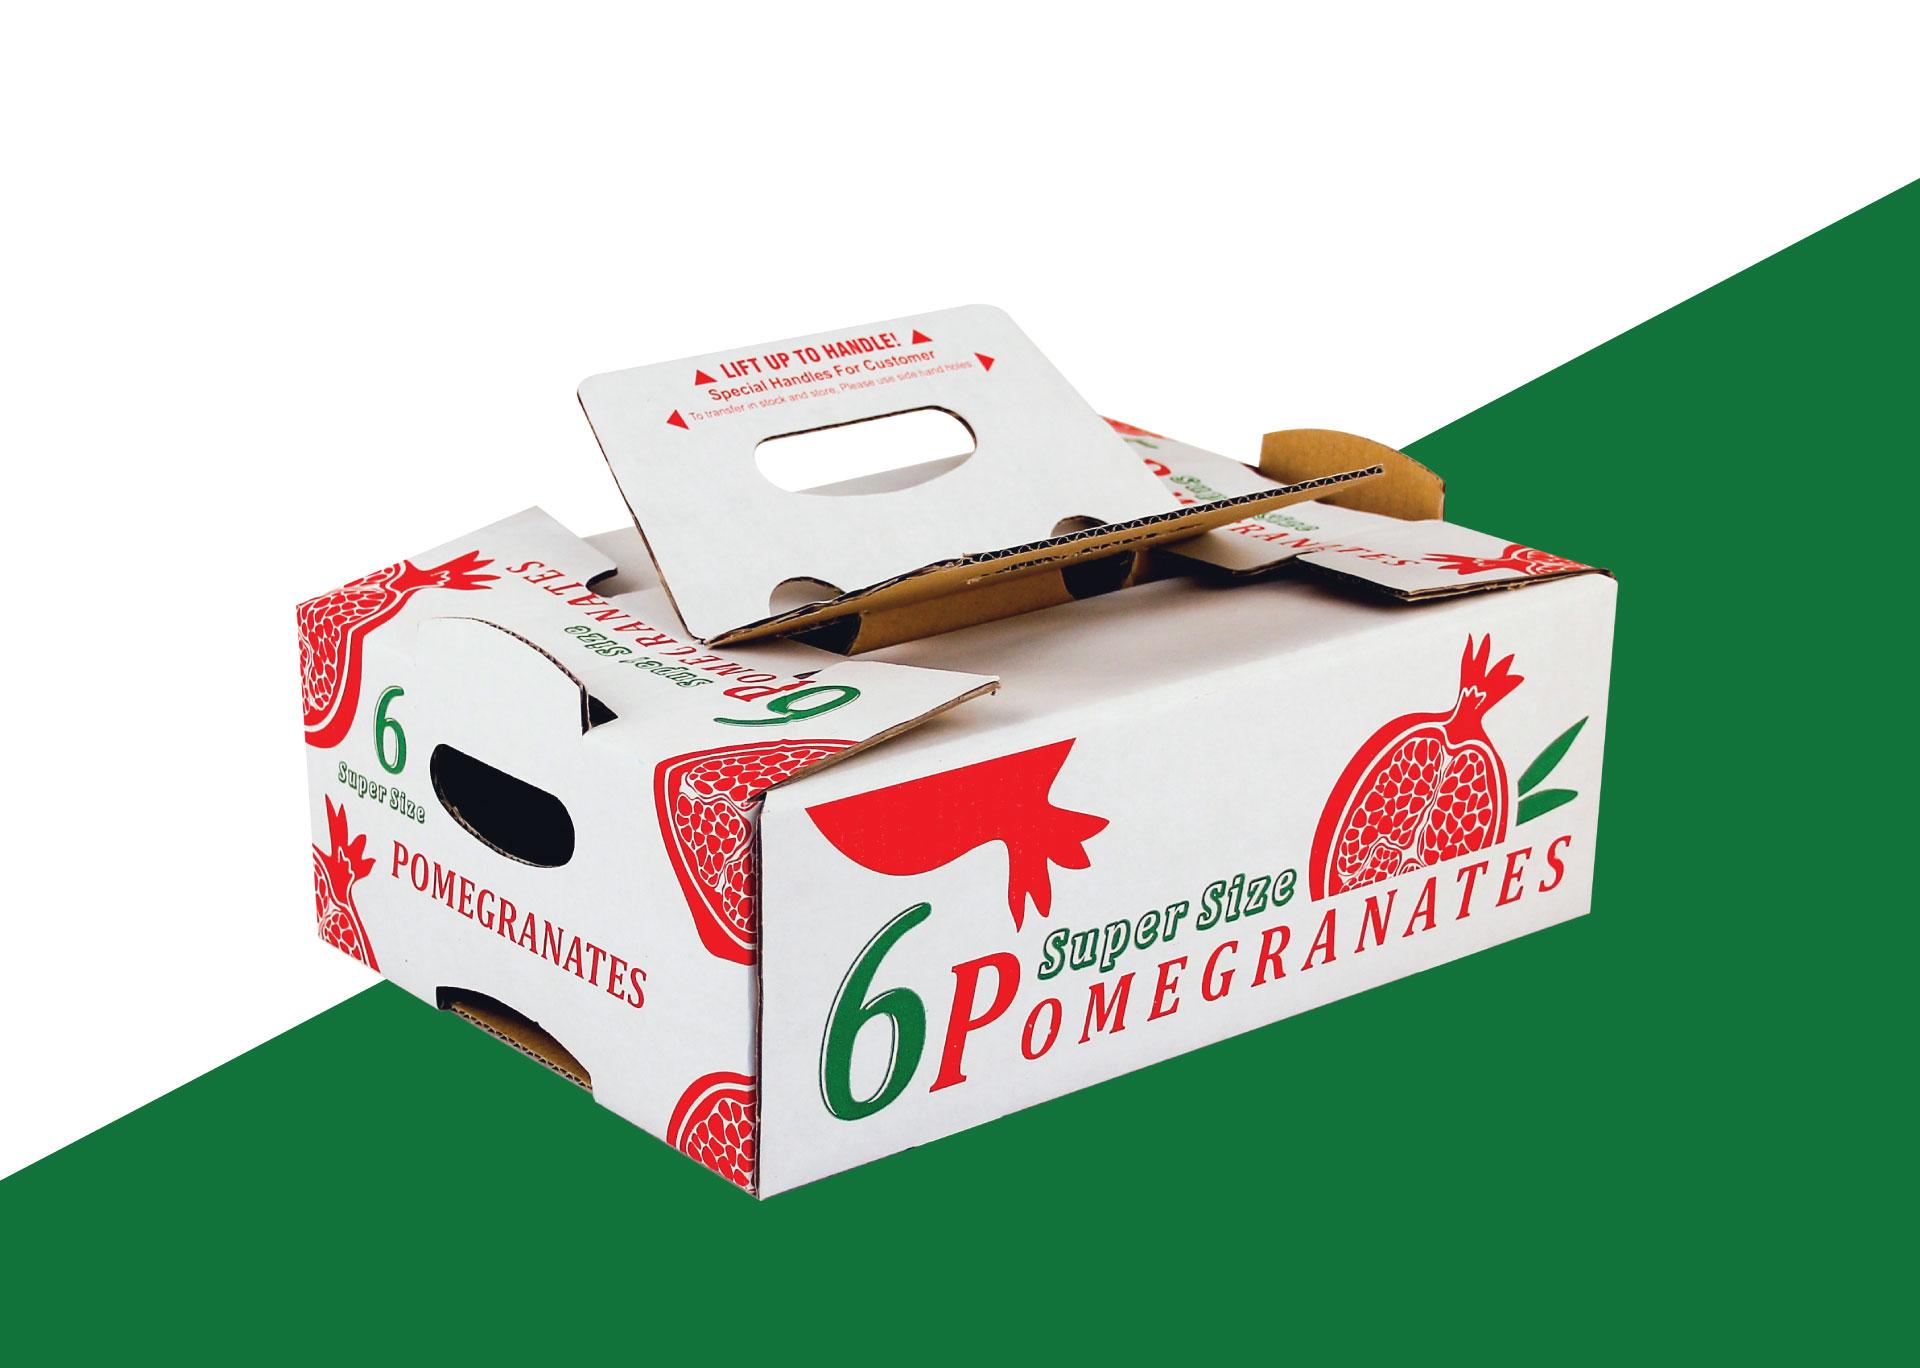 اجباری شدن استانداردهای بستهبندی محصولات کشاورزی صادراتی از نیمه ماه آبان ۱۳۹۶